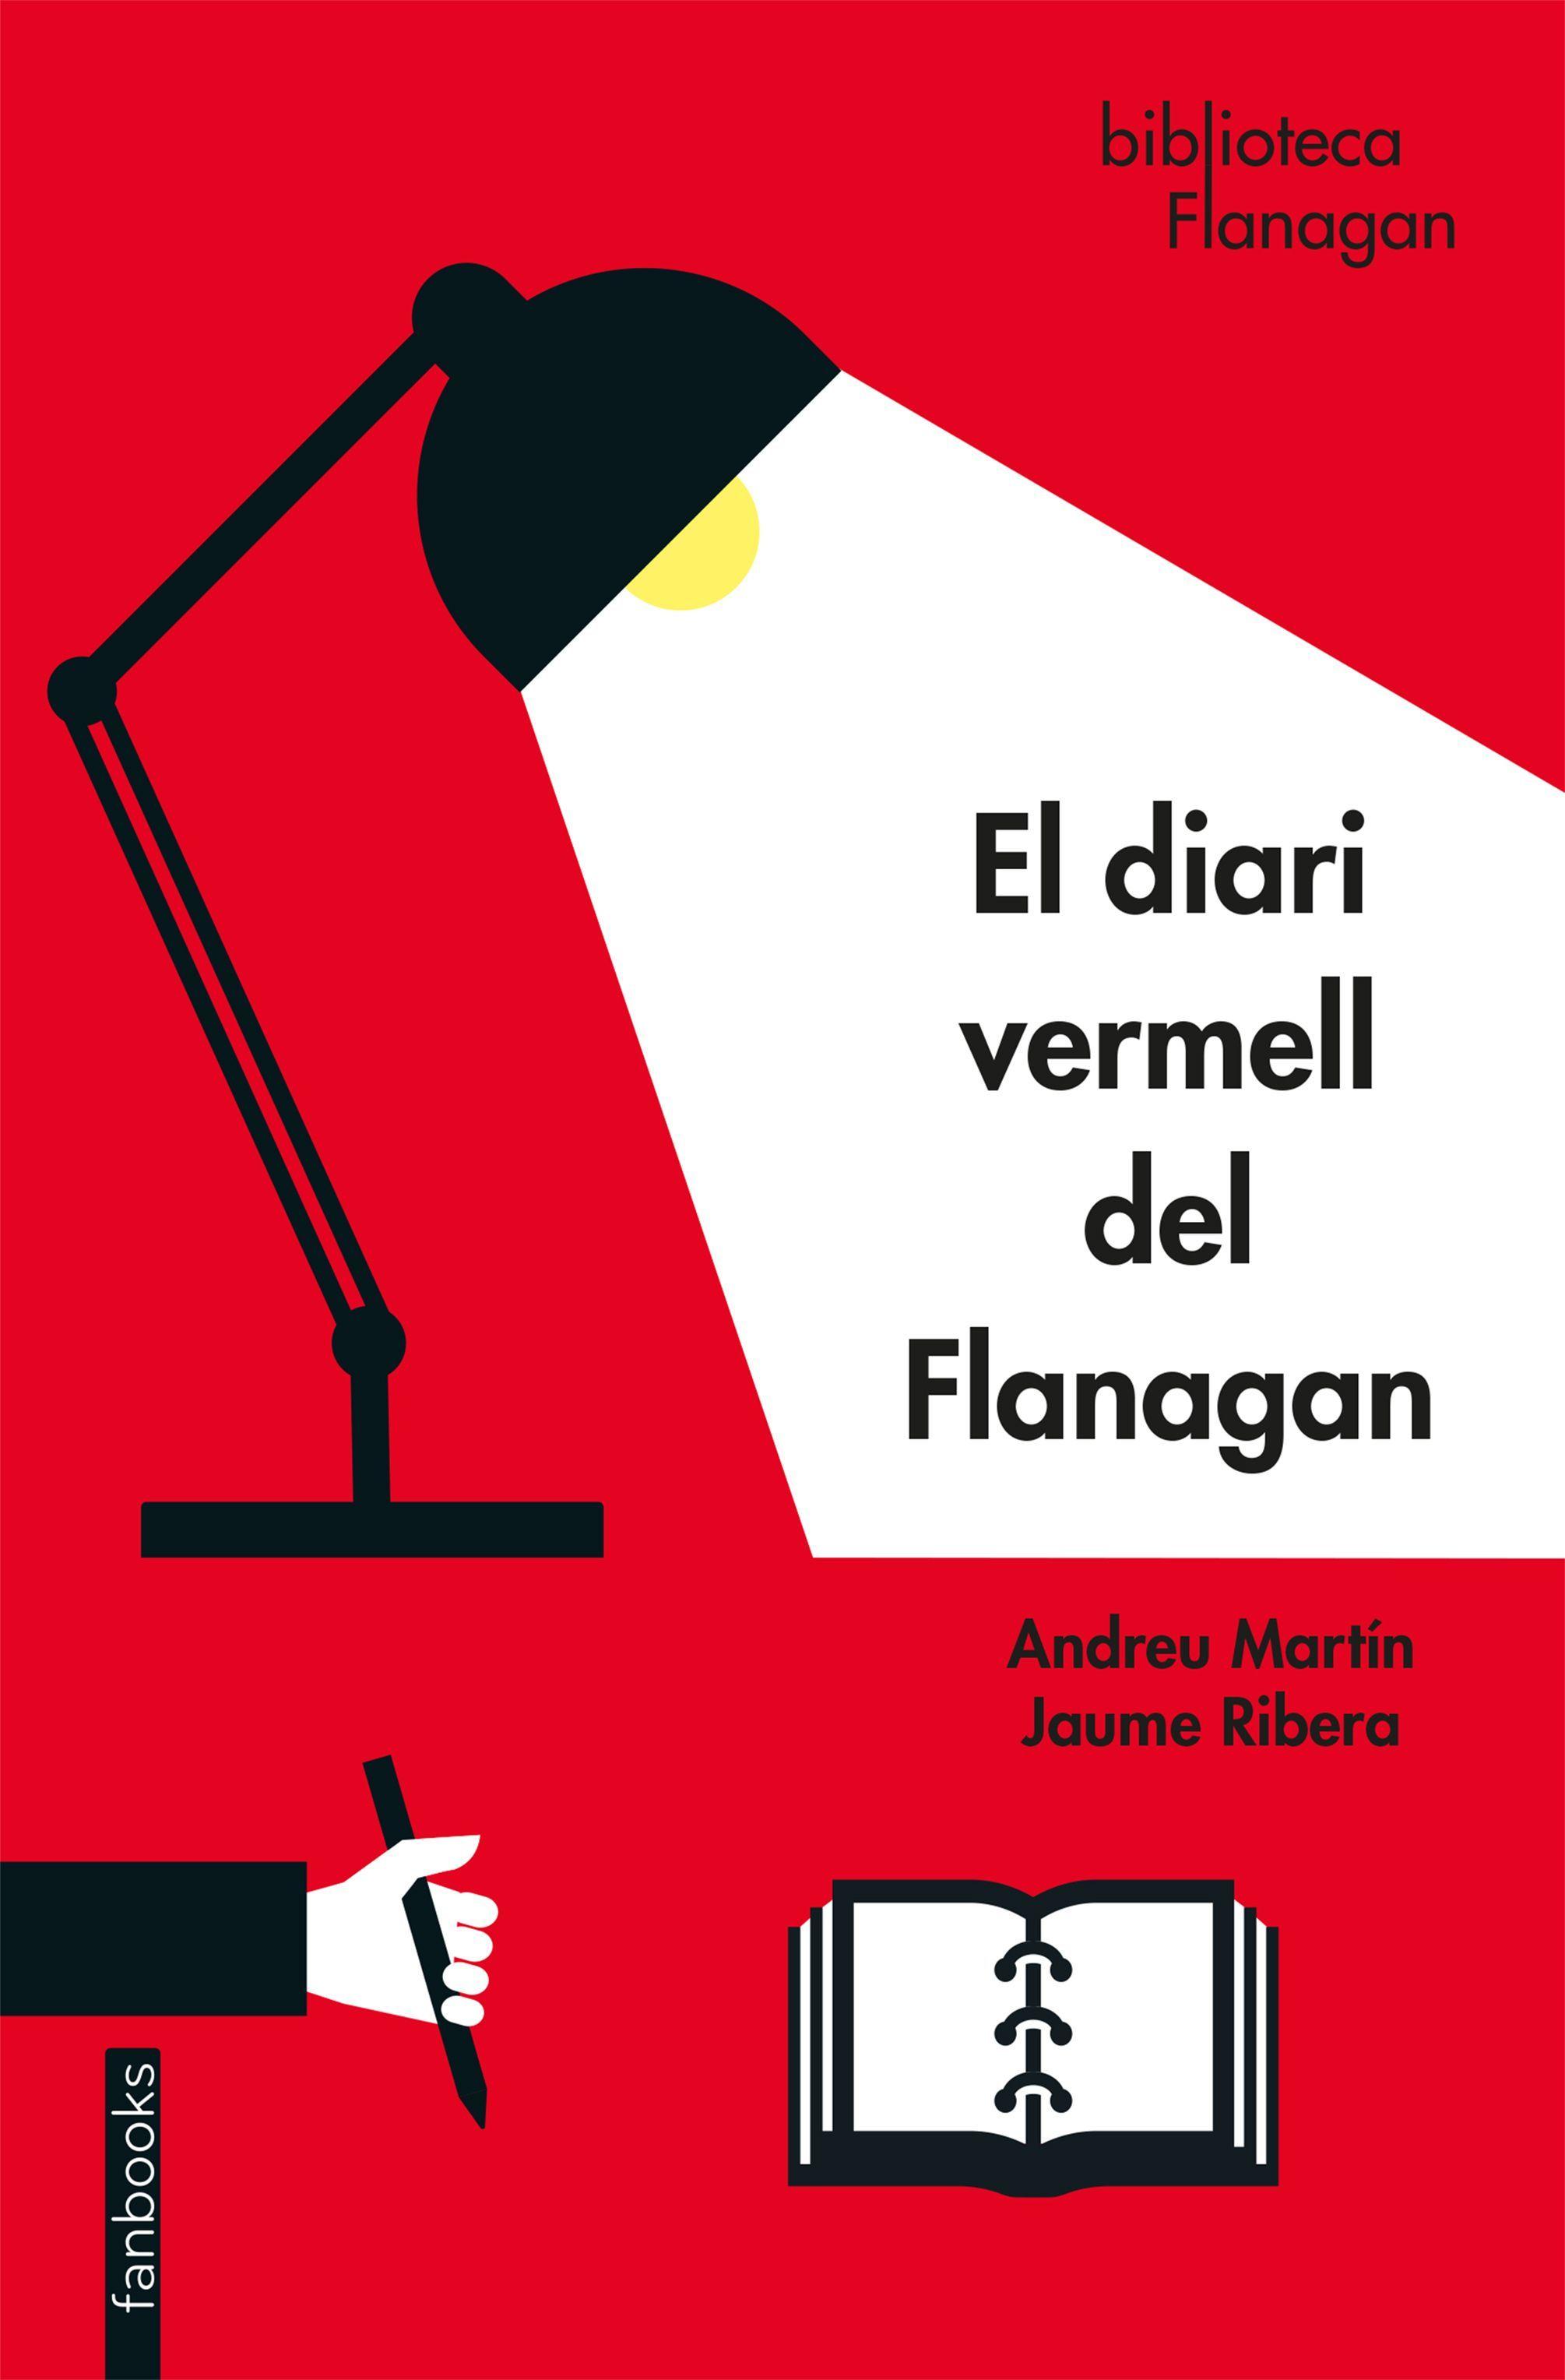 DIARI VERMELL DEL FLANAGAN